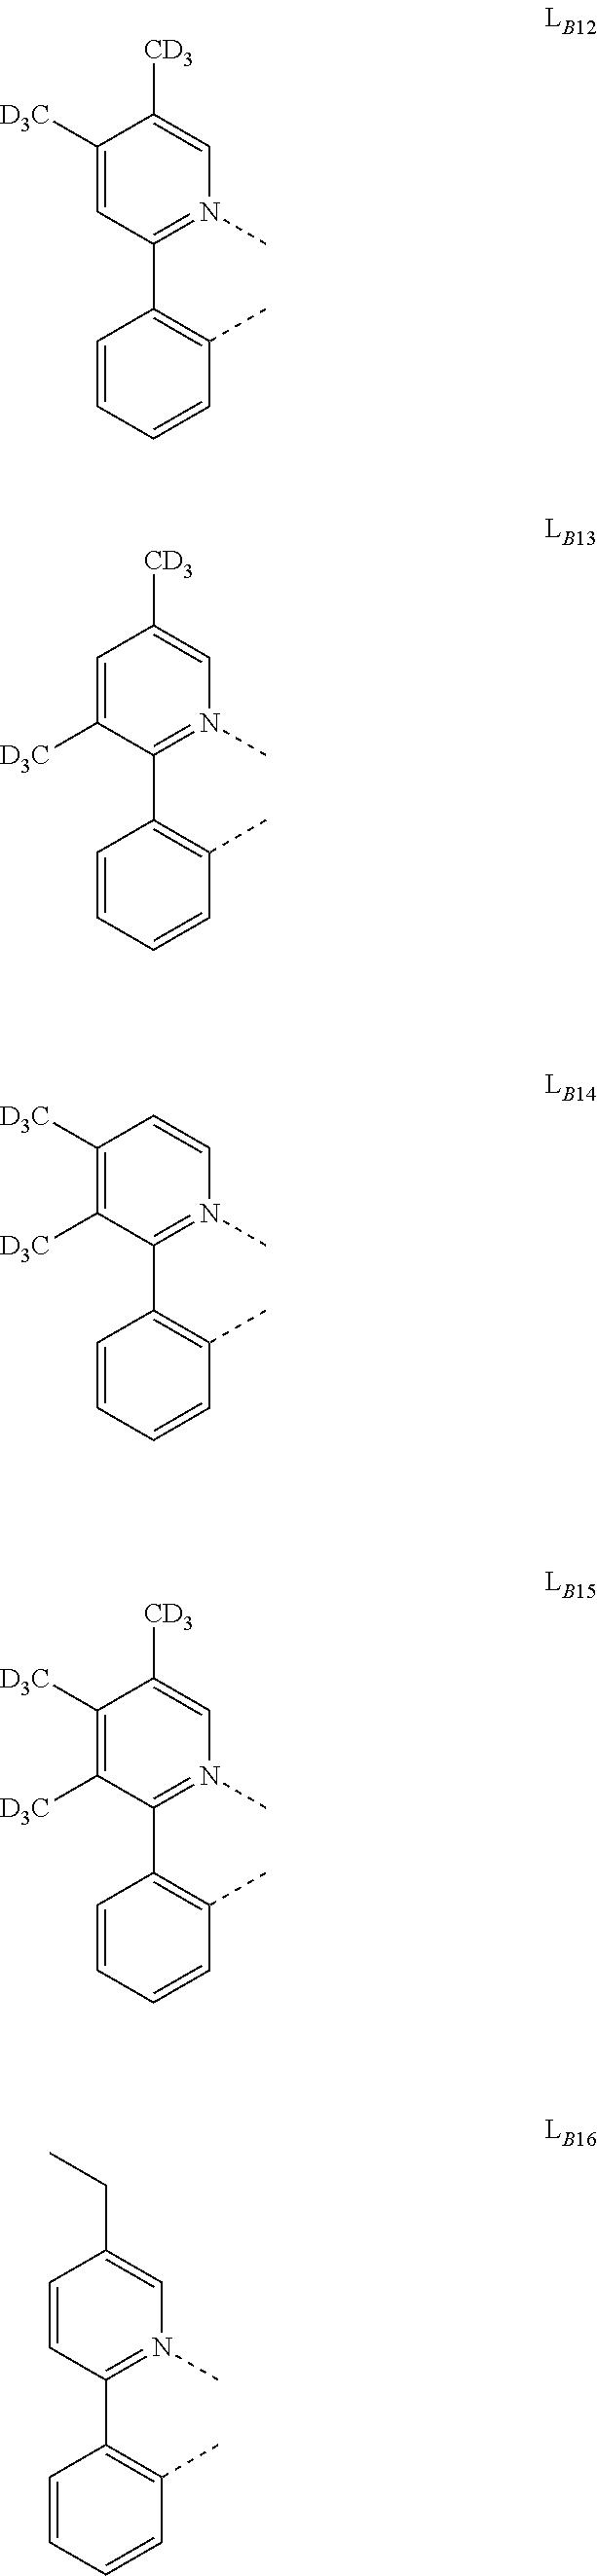 Figure US09929360-20180327-C00039